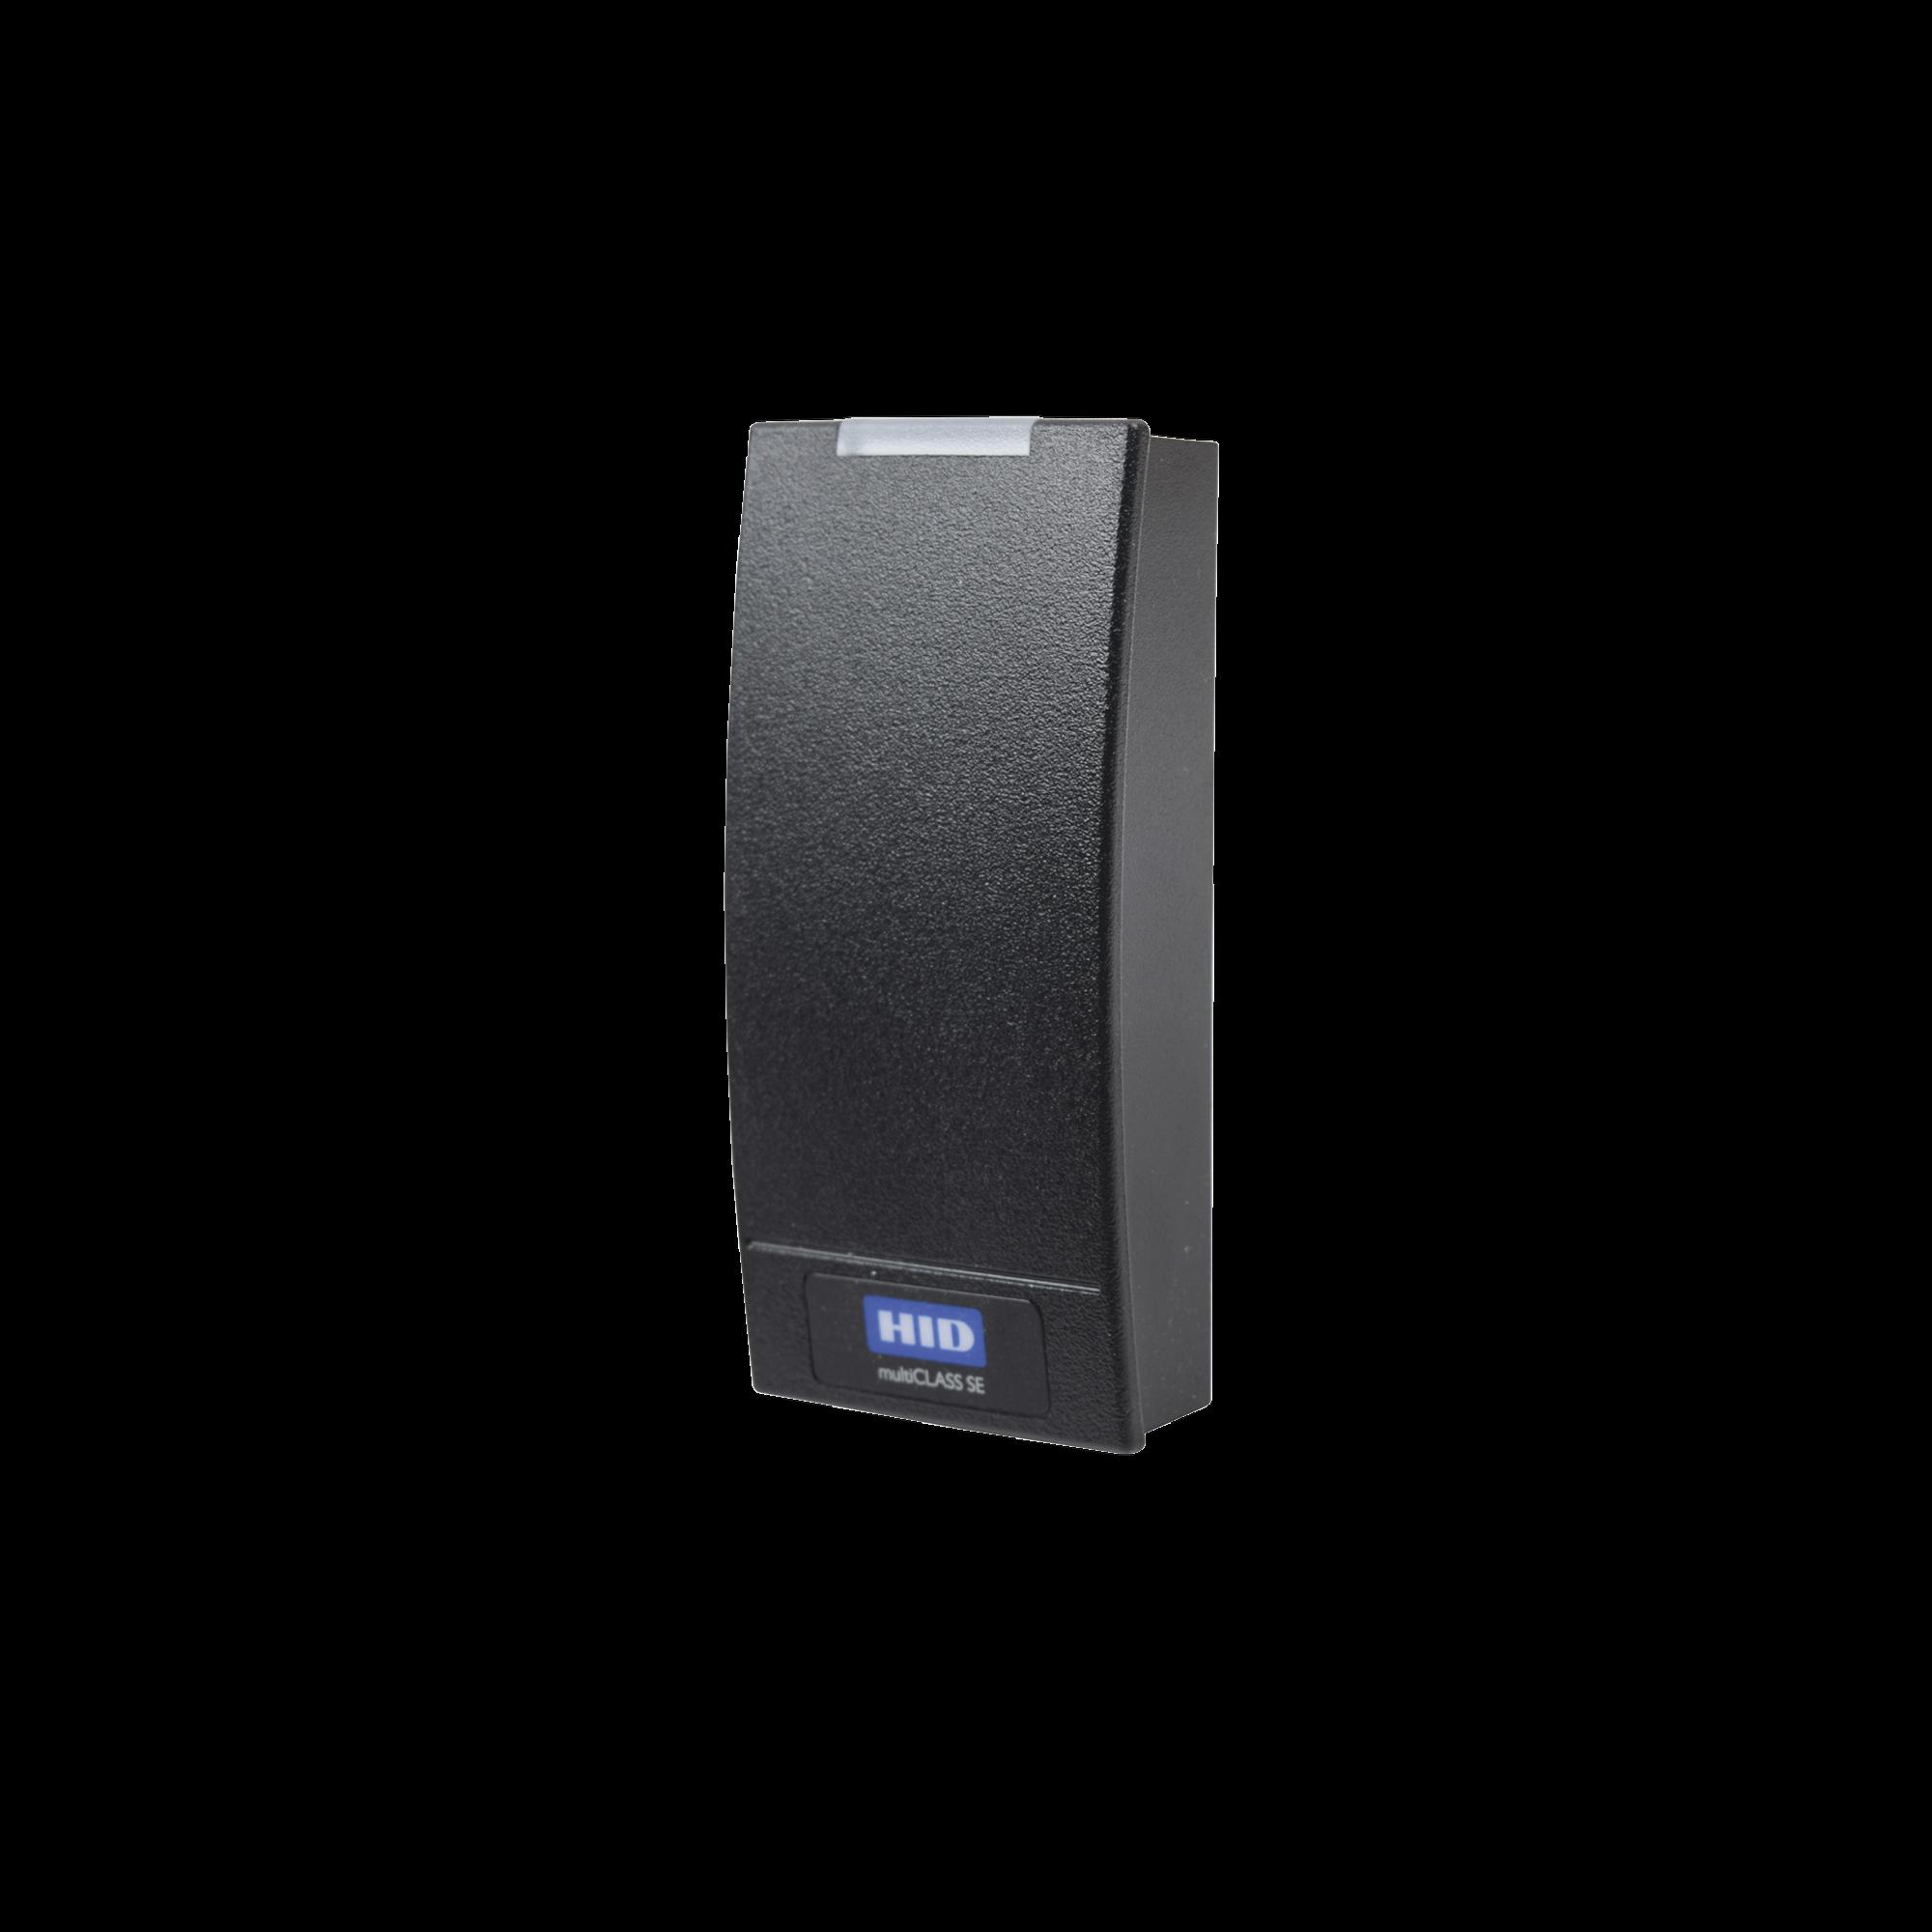 Lector HID R10 INDALA, iClass SEOS(no clonable)/iClass SE/ iClass SR/ iClass /Mifare Classic, DesFire / Garantia de por vida